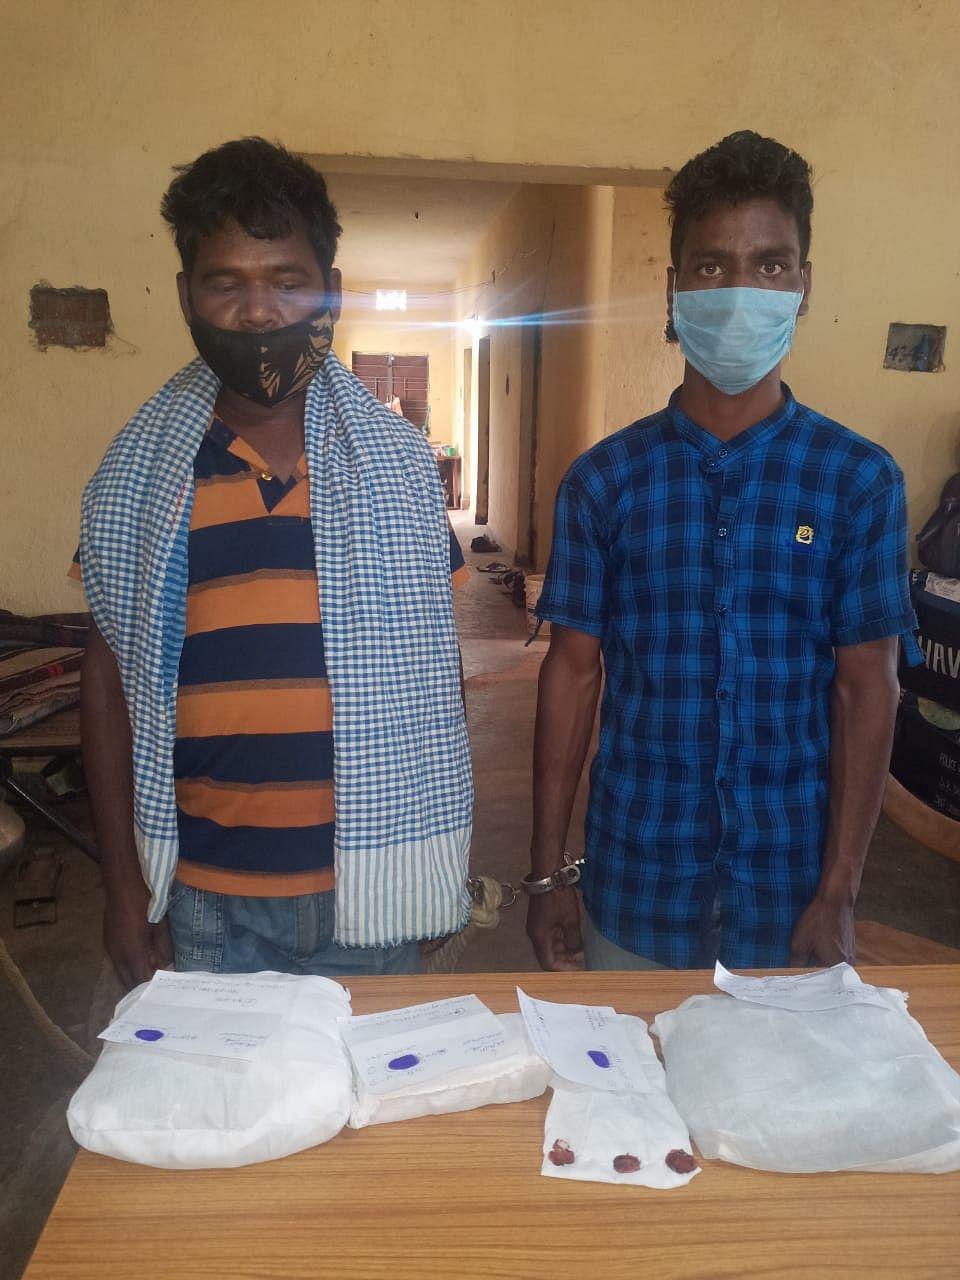 खूंटी : 1.81 लाख नकद और ढाई किलो अफीम के साथ दो तस्कर गिरफ्तार